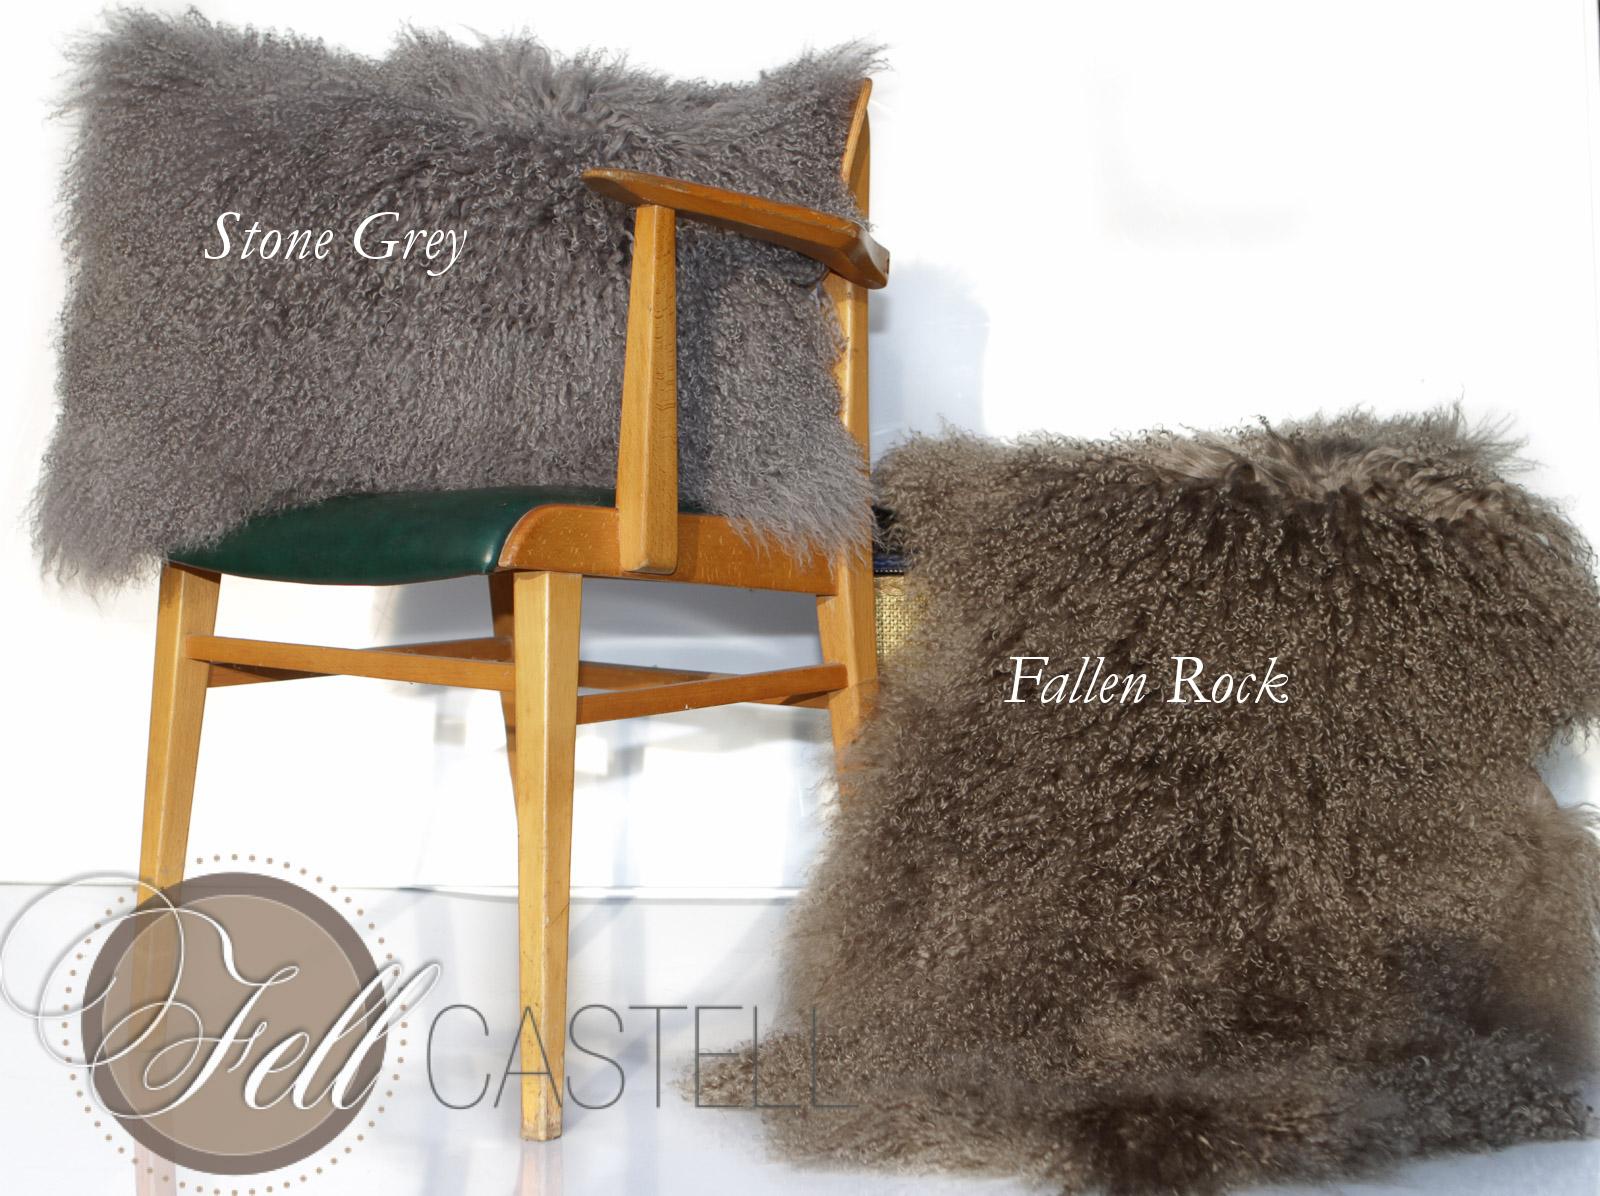 tibet lammfell fallen rock tibetlammfell tibetlamm fallen rock 95 x 45 cm fallen rock 95 x 45. Black Bedroom Furniture Sets. Home Design Ideas